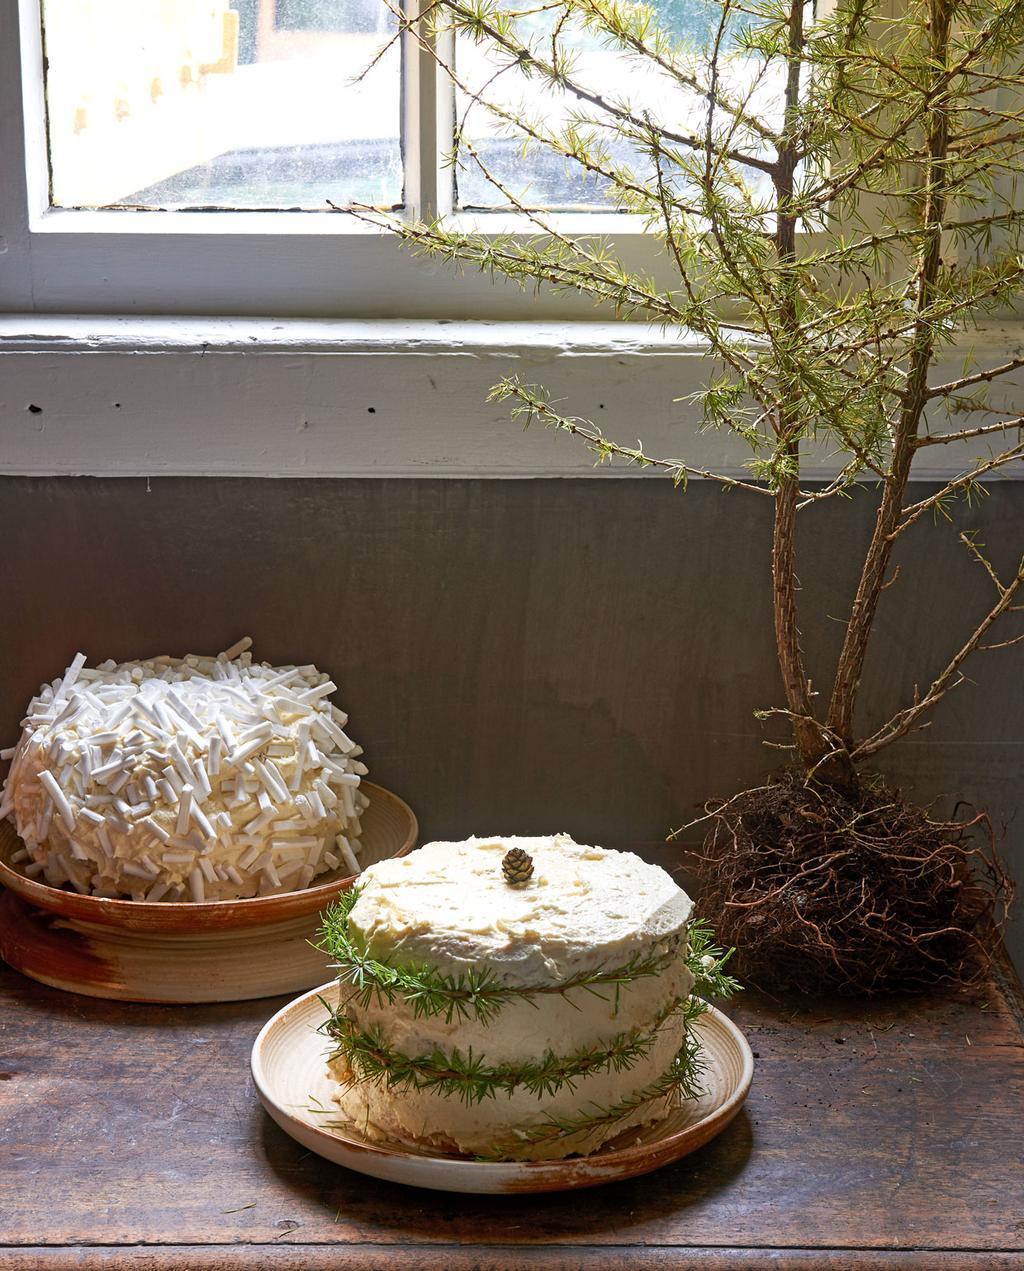 vtwonen 12-2019 | styling kersttaart Pistache taart met witte chocolade glazuur